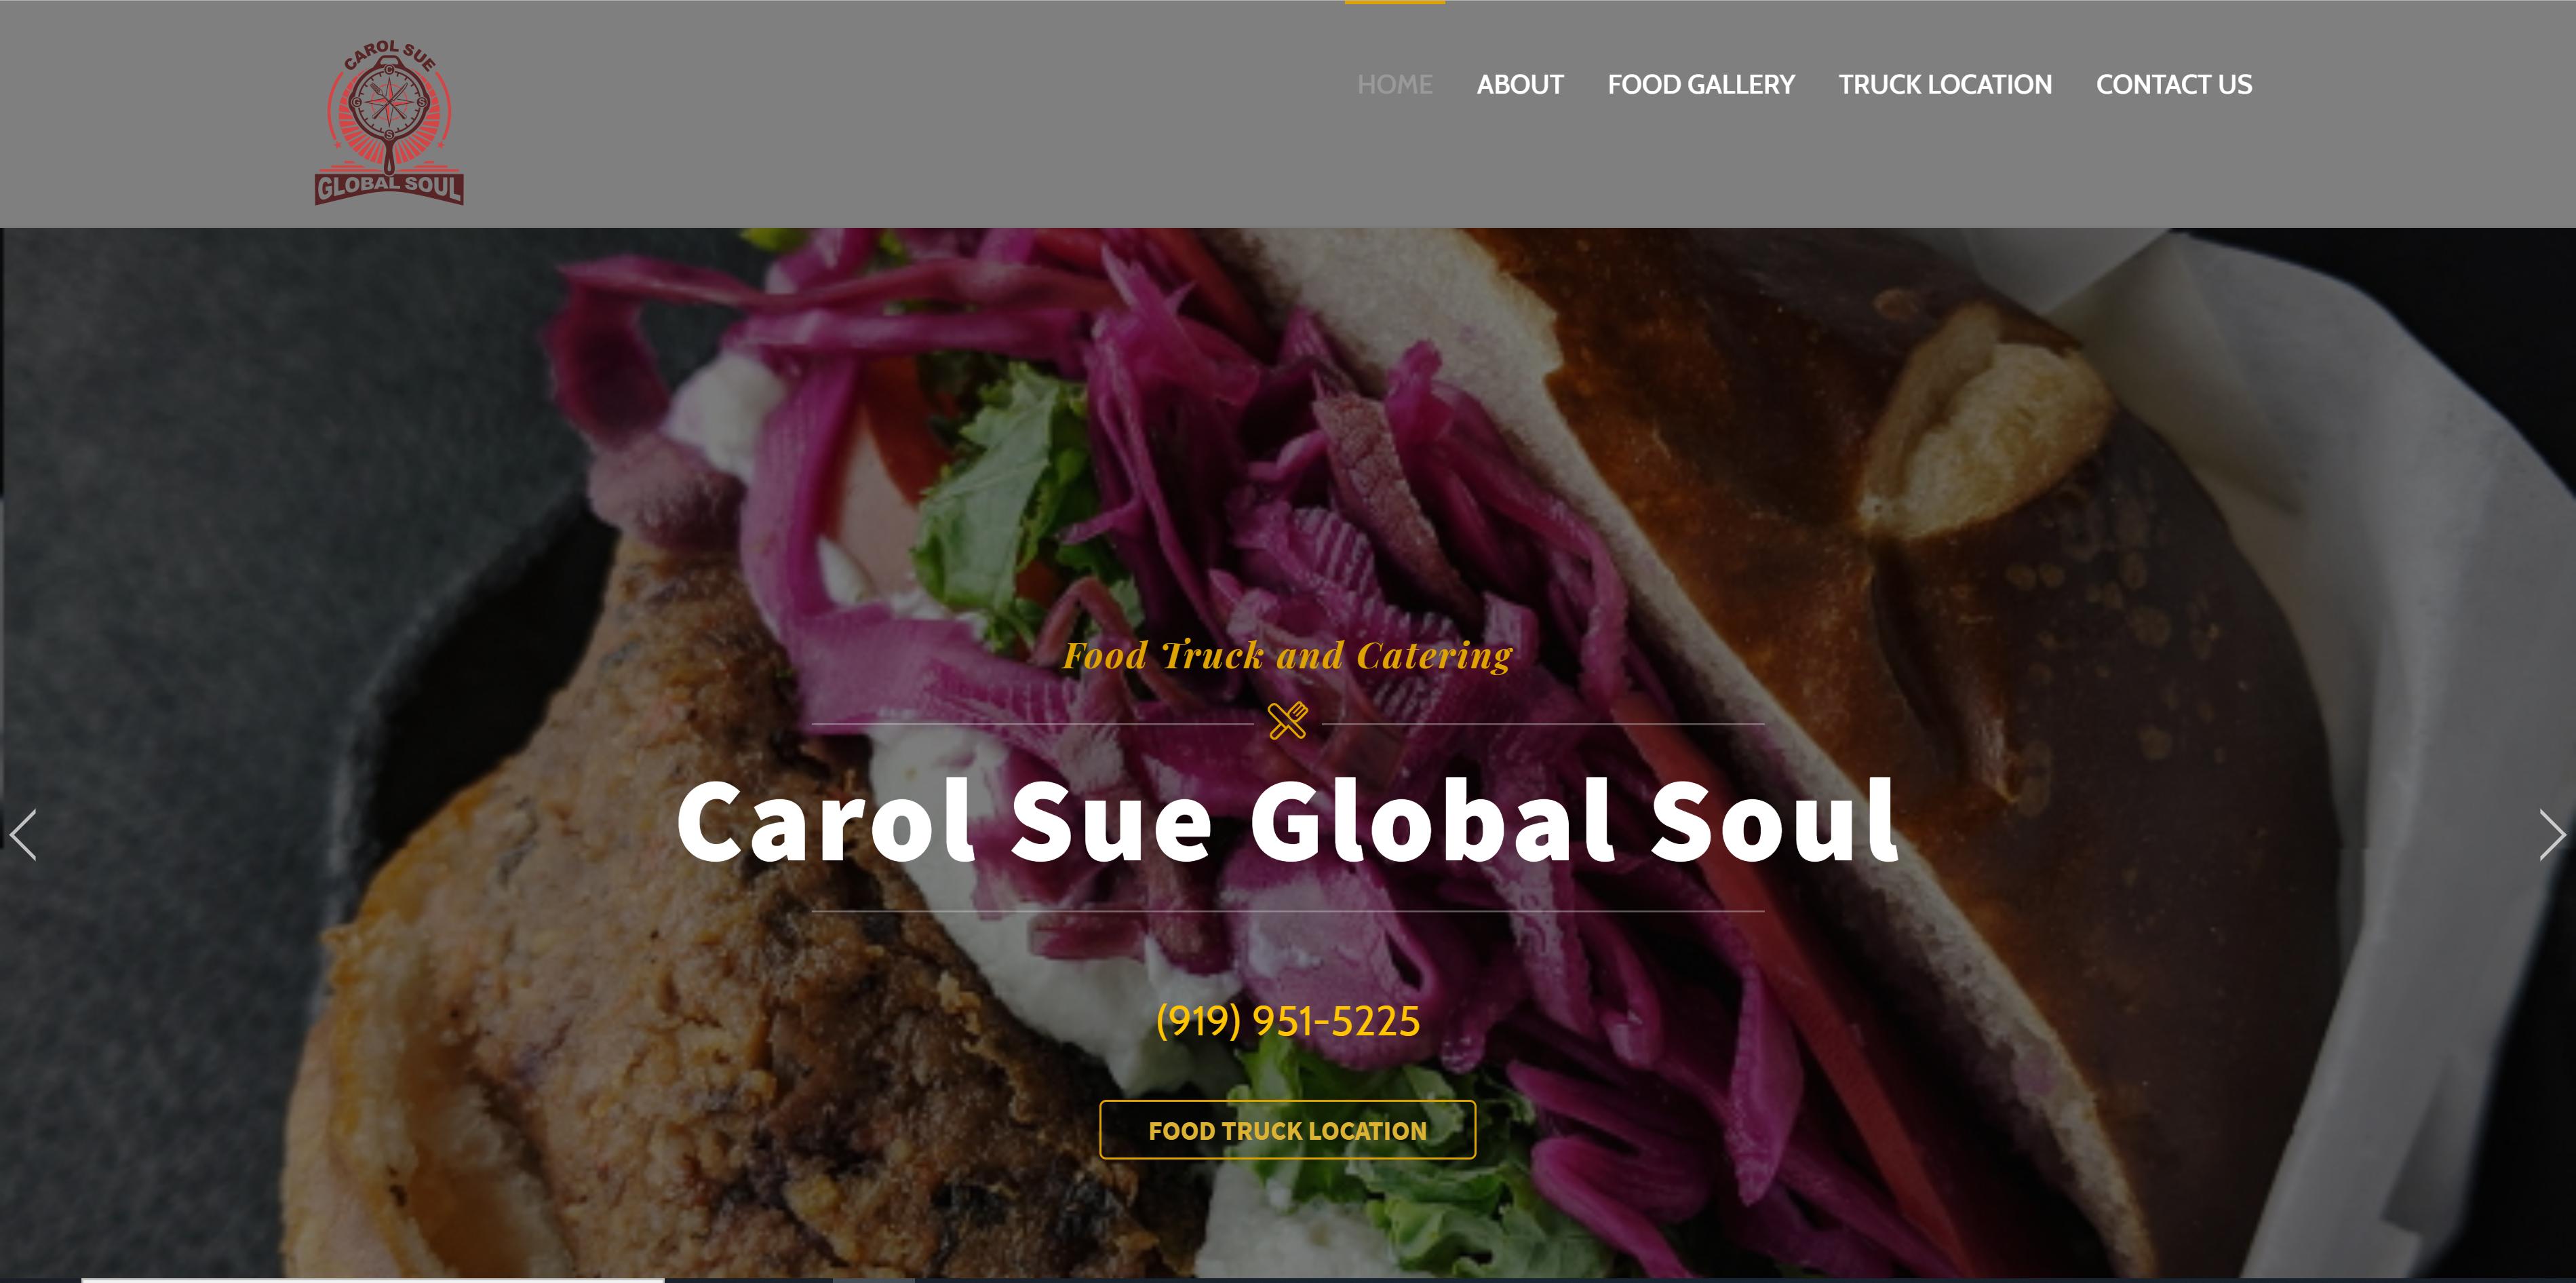 Carol Sue Global Soul